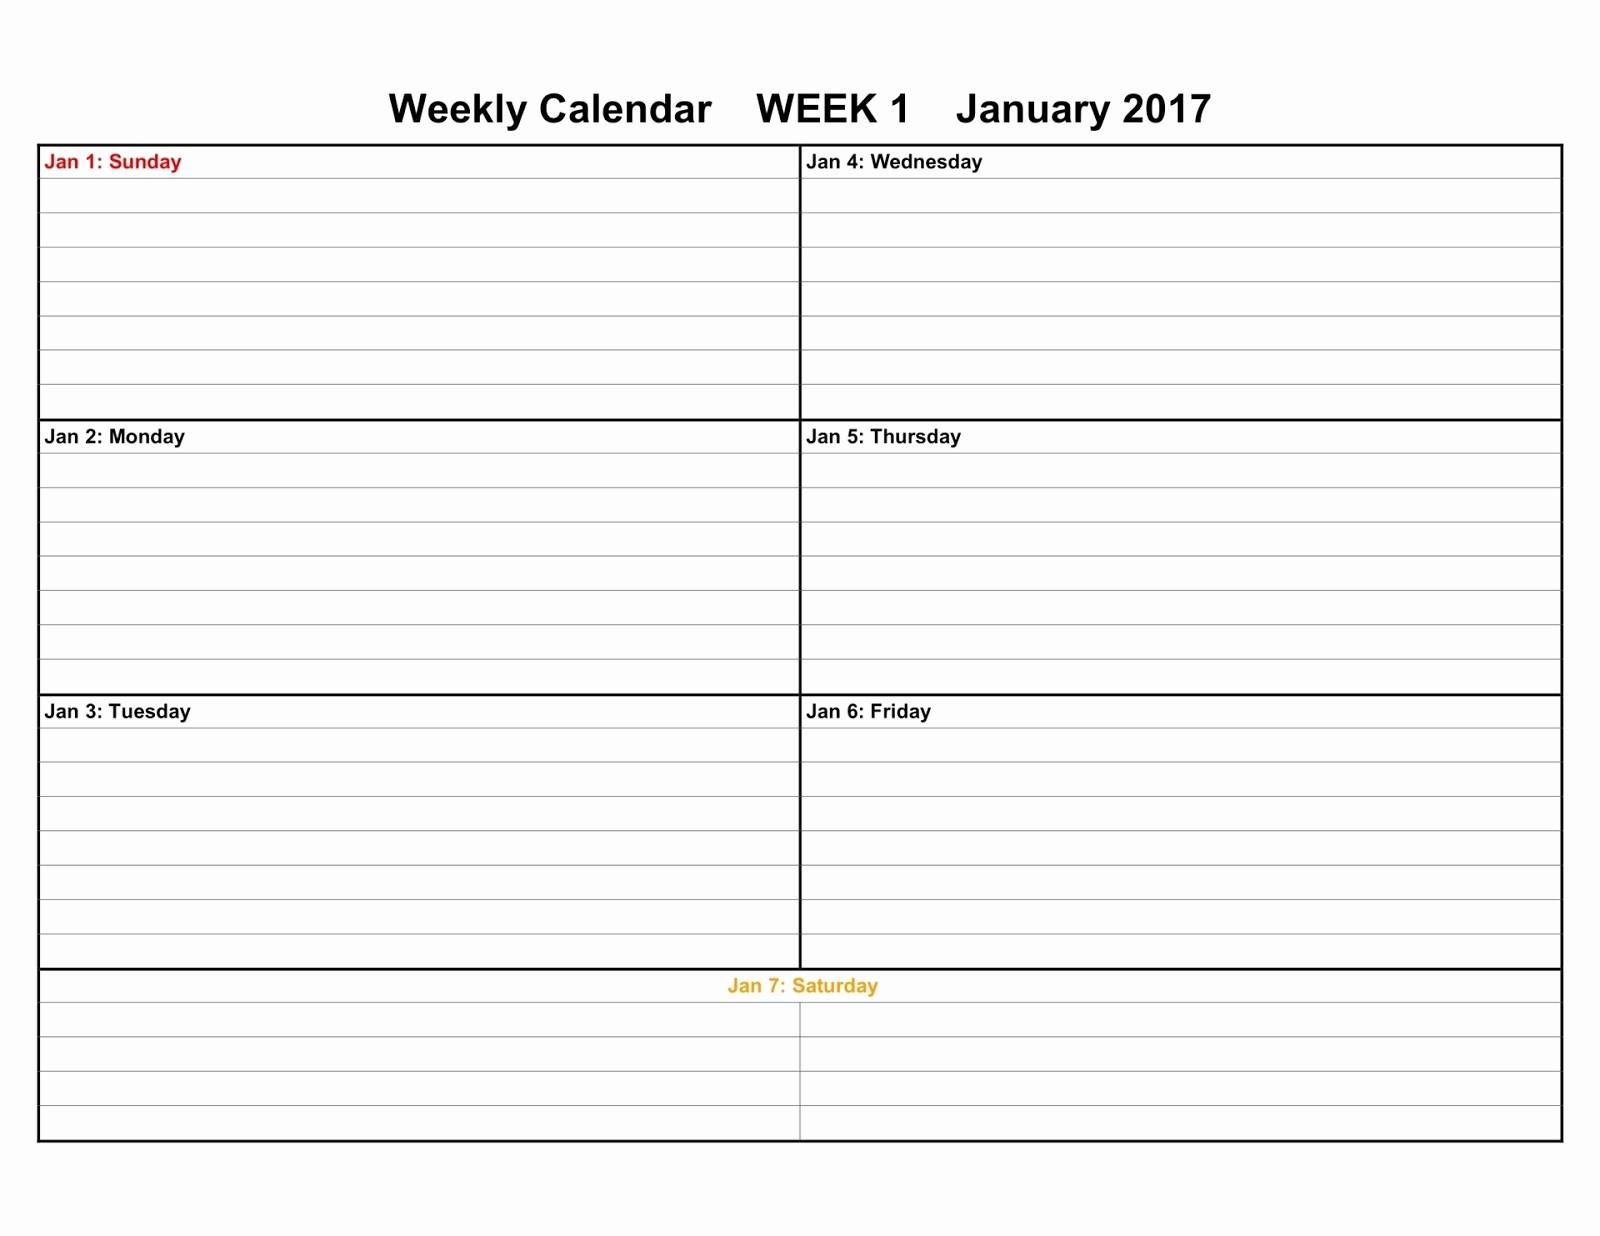 Week by Week Calendar Template Elegant Printable Calendars 2017 & 2018 Editable Printable Calendars